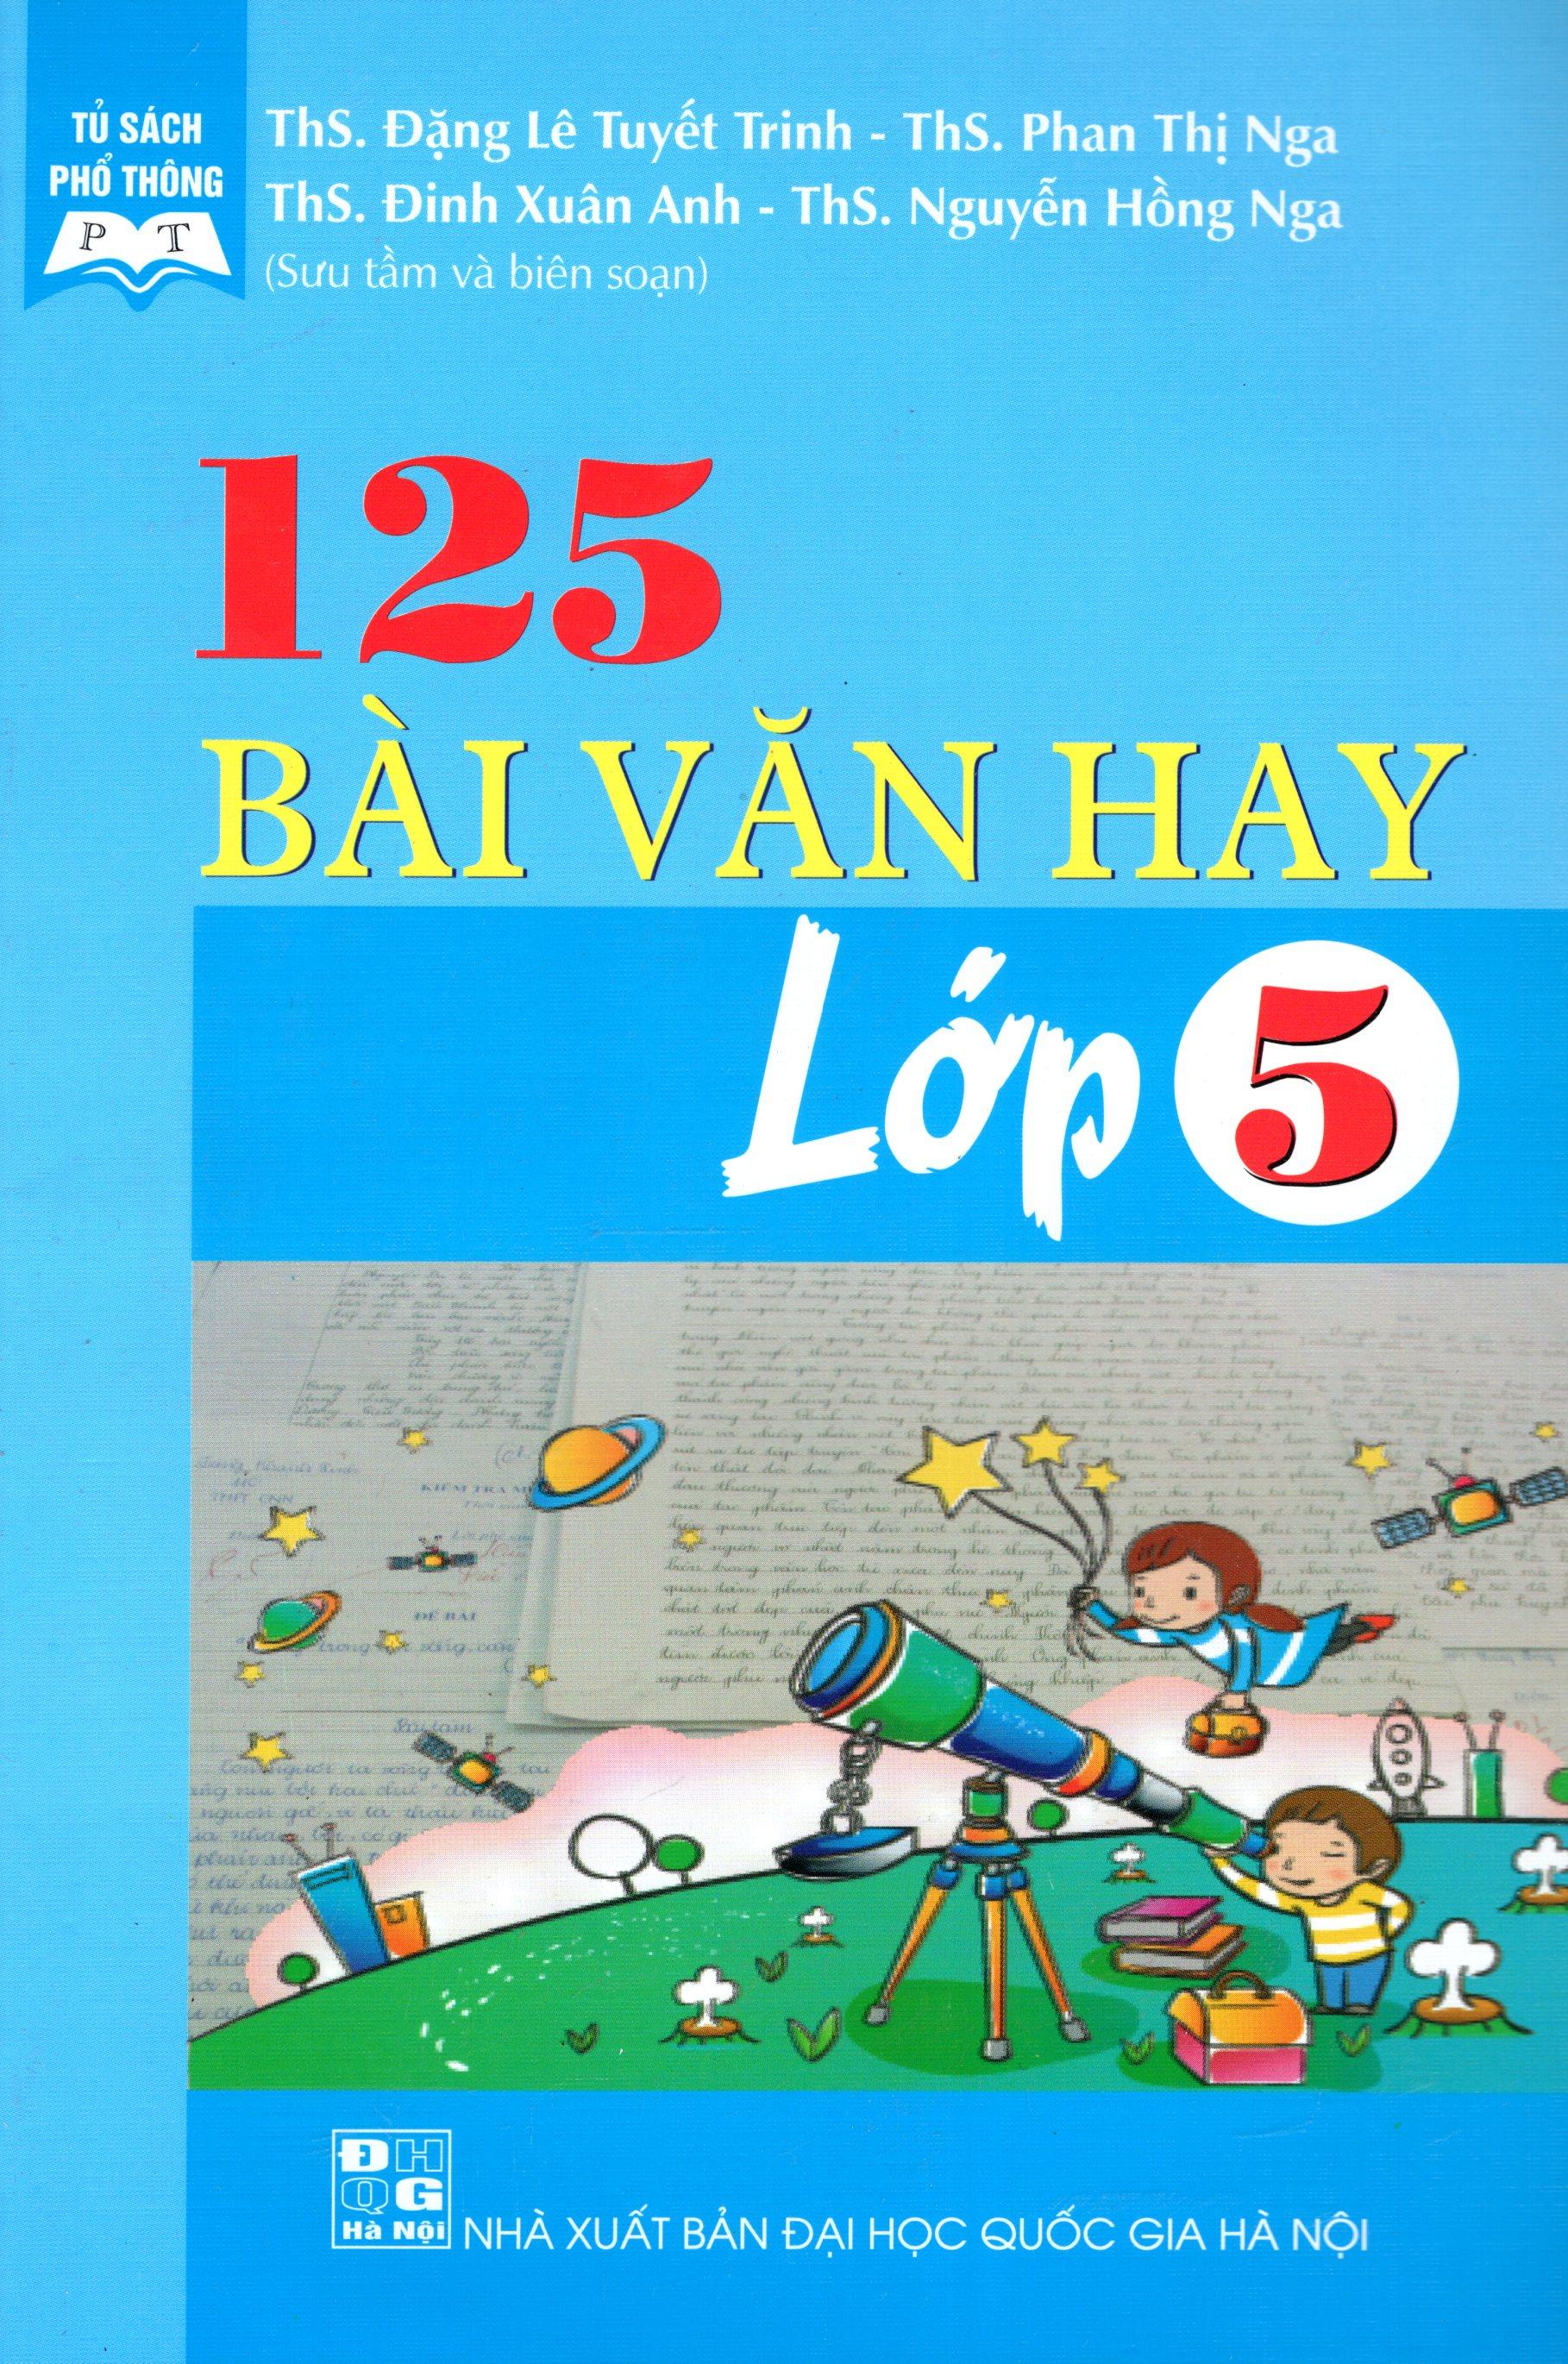 125 Bài Văn Hay Lớp 5 - 8936036304329,62_216877,29000,tiki.vn,125-Bai-Van-Hay-Lop-5-62_216877,125 Bài Văn Hay Lớp 5